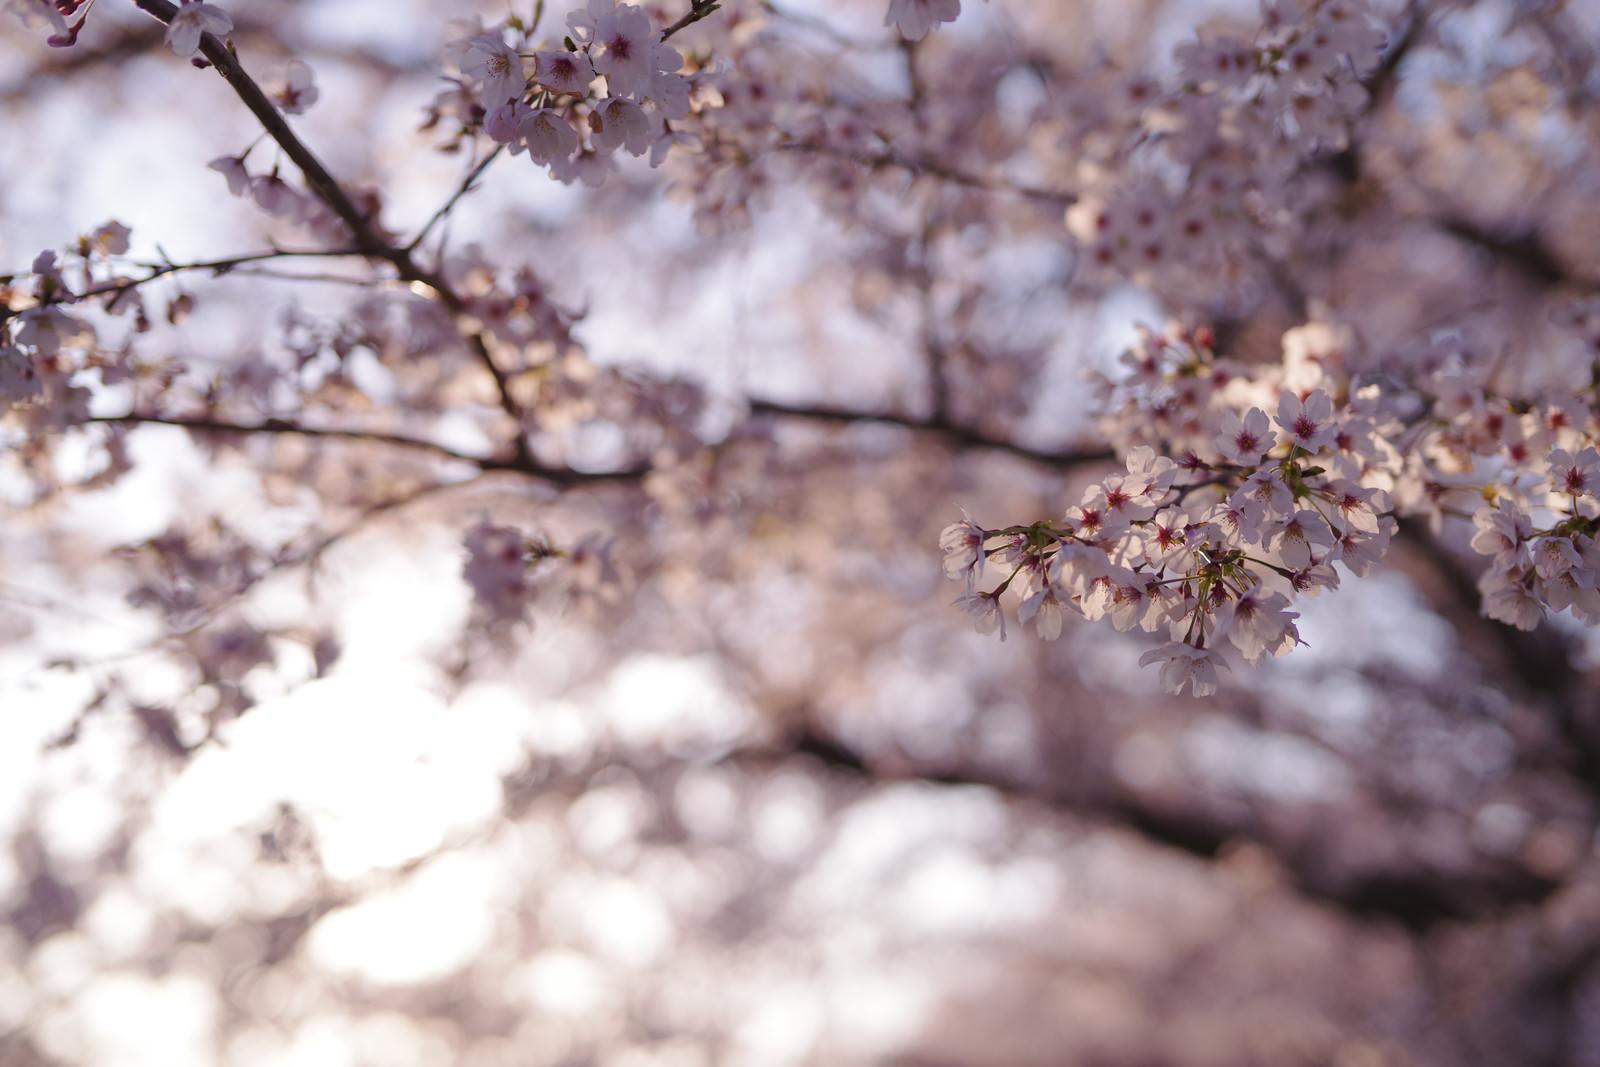 「夕日でピンクに染まる桜(ソメイヨシノ)」の写真